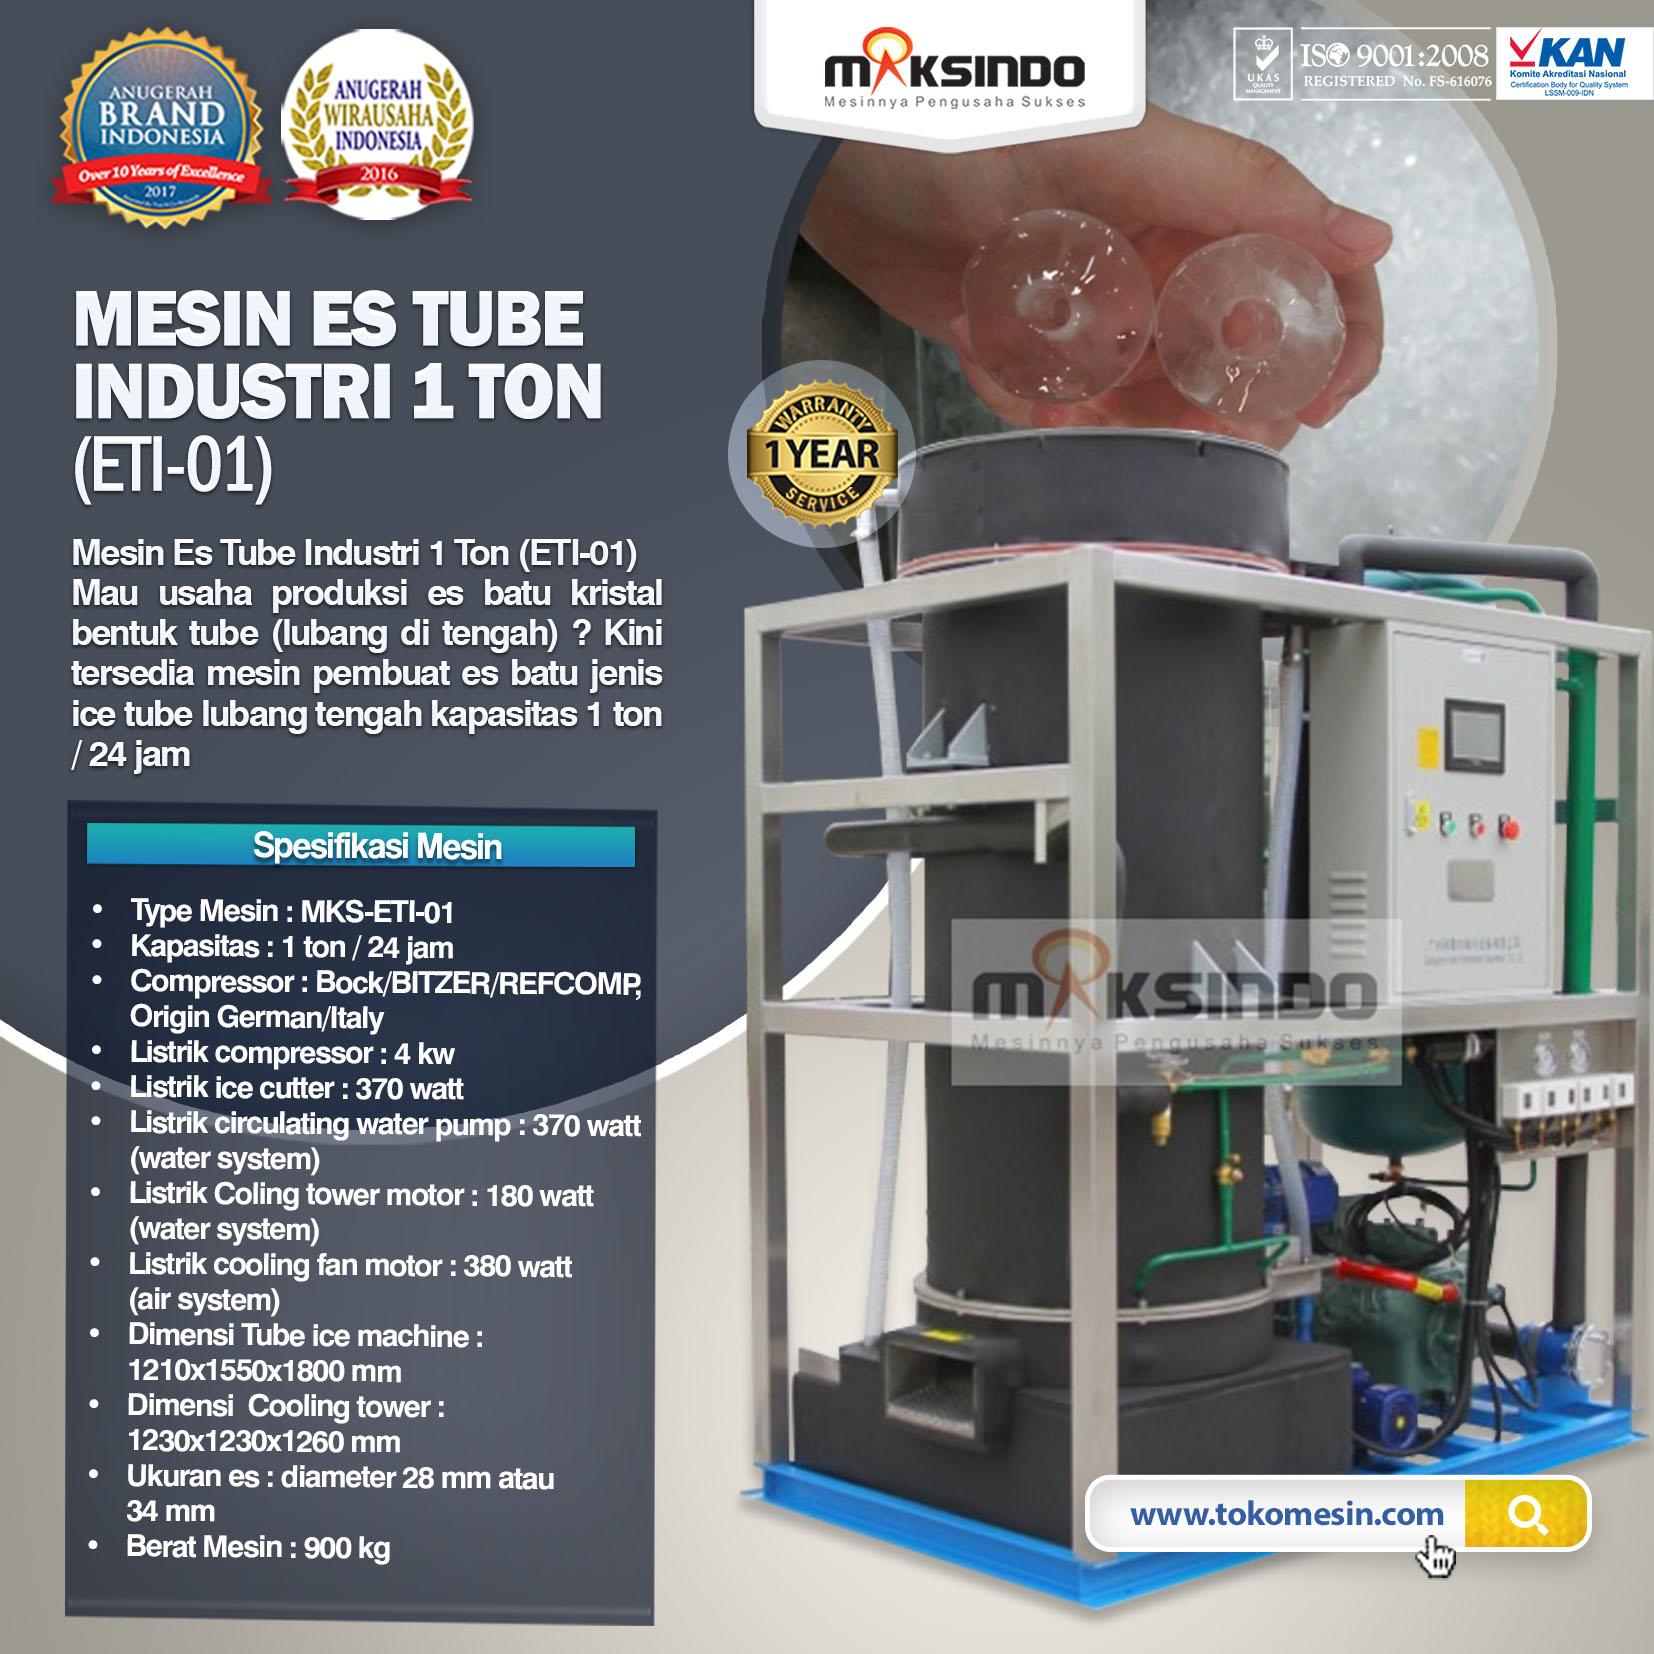 Jual Mesin Es Tube Industri 1 Ton (ETI-01) di Tangerang